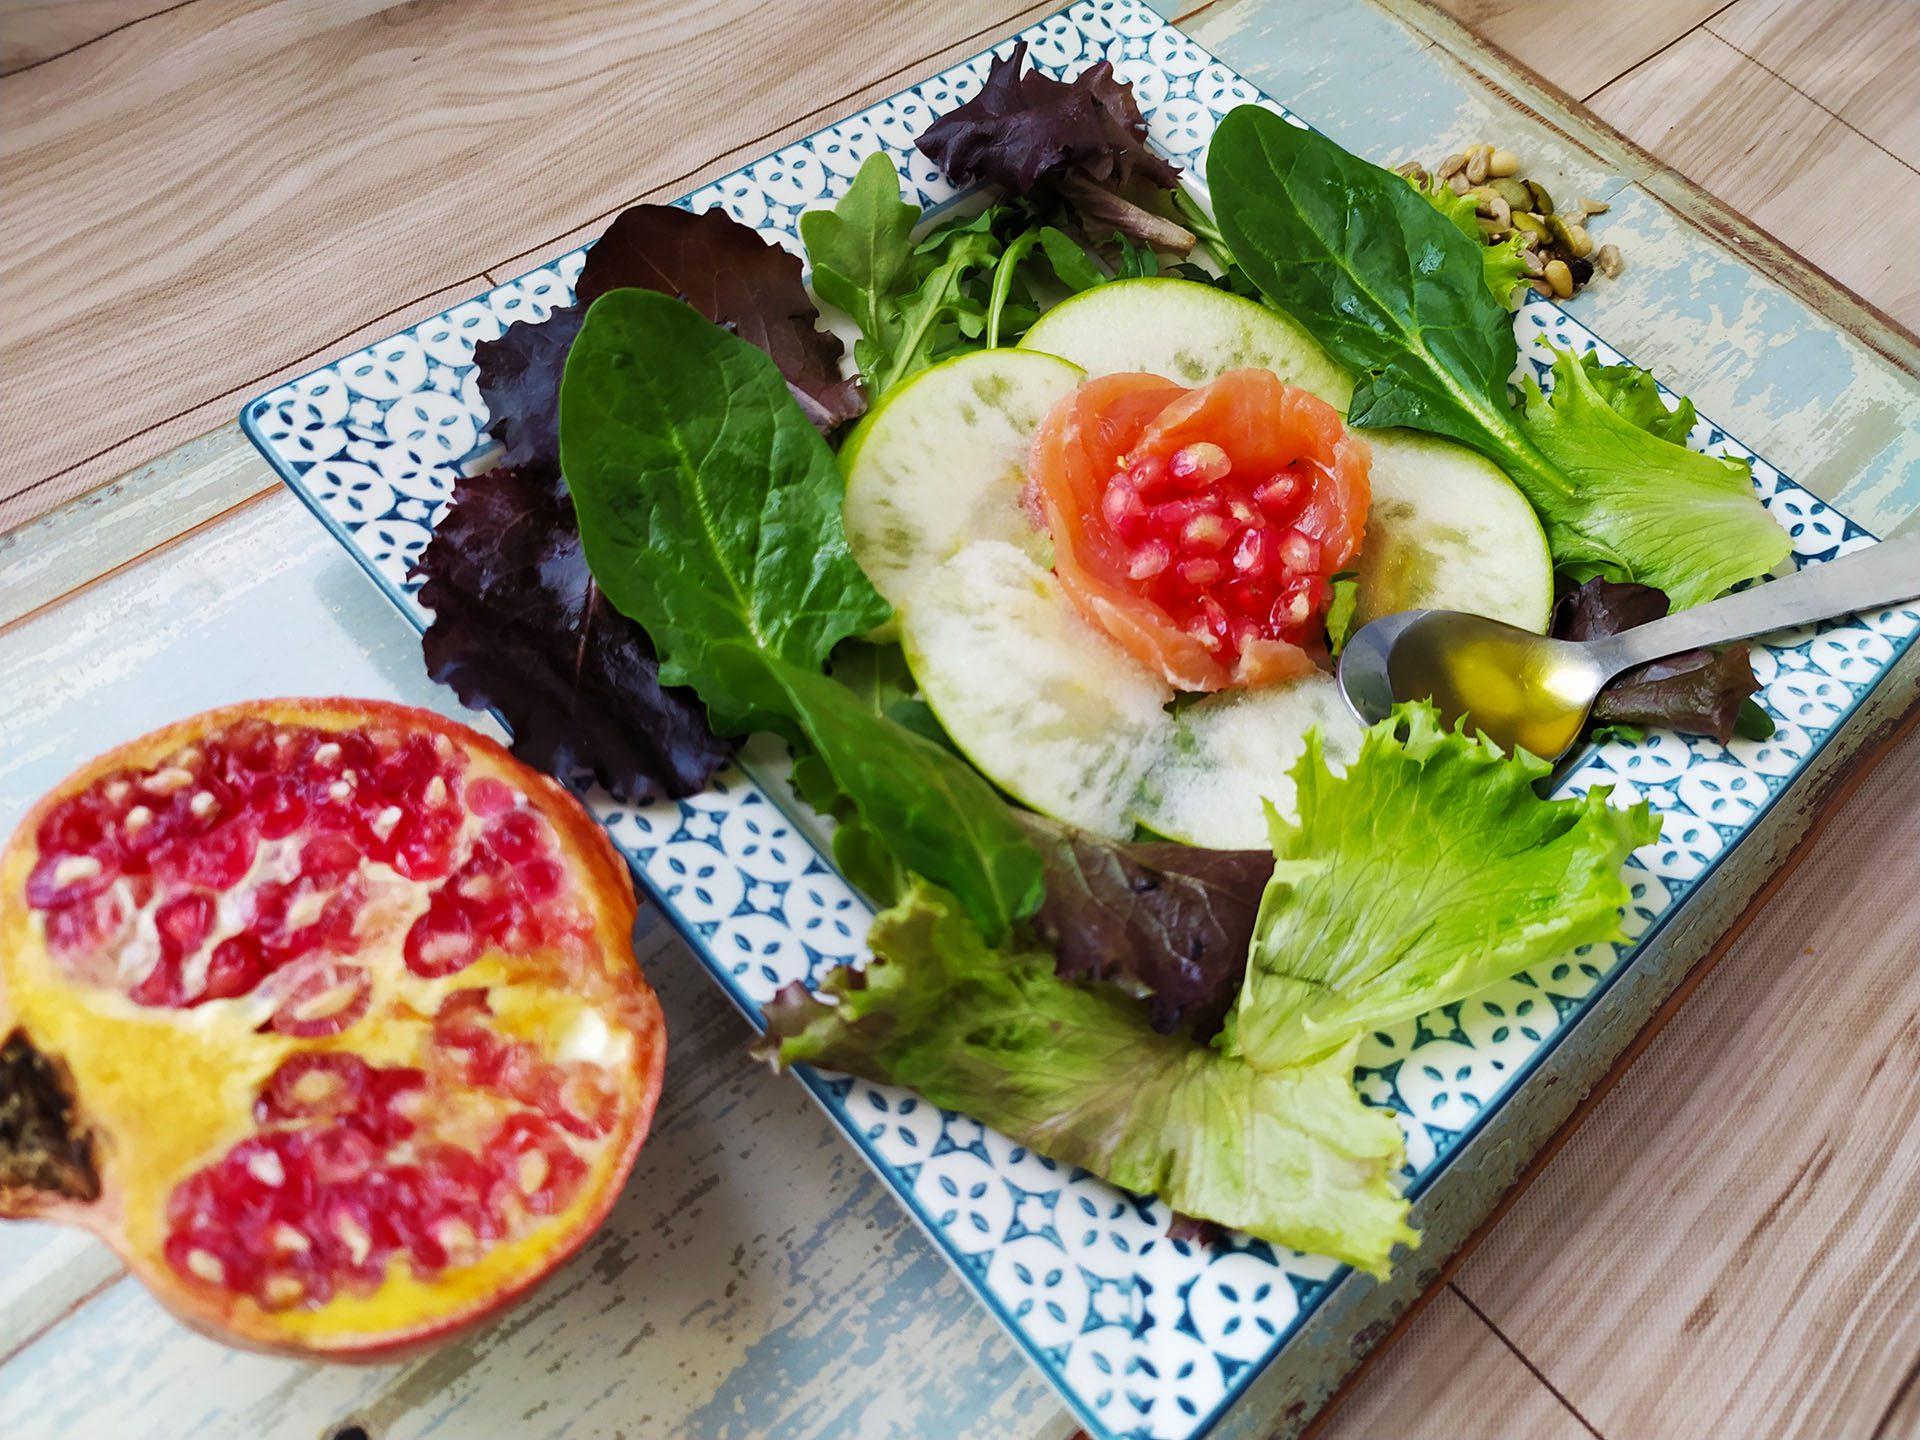 Una original ensalada de salmón ahumado, granada y manzana